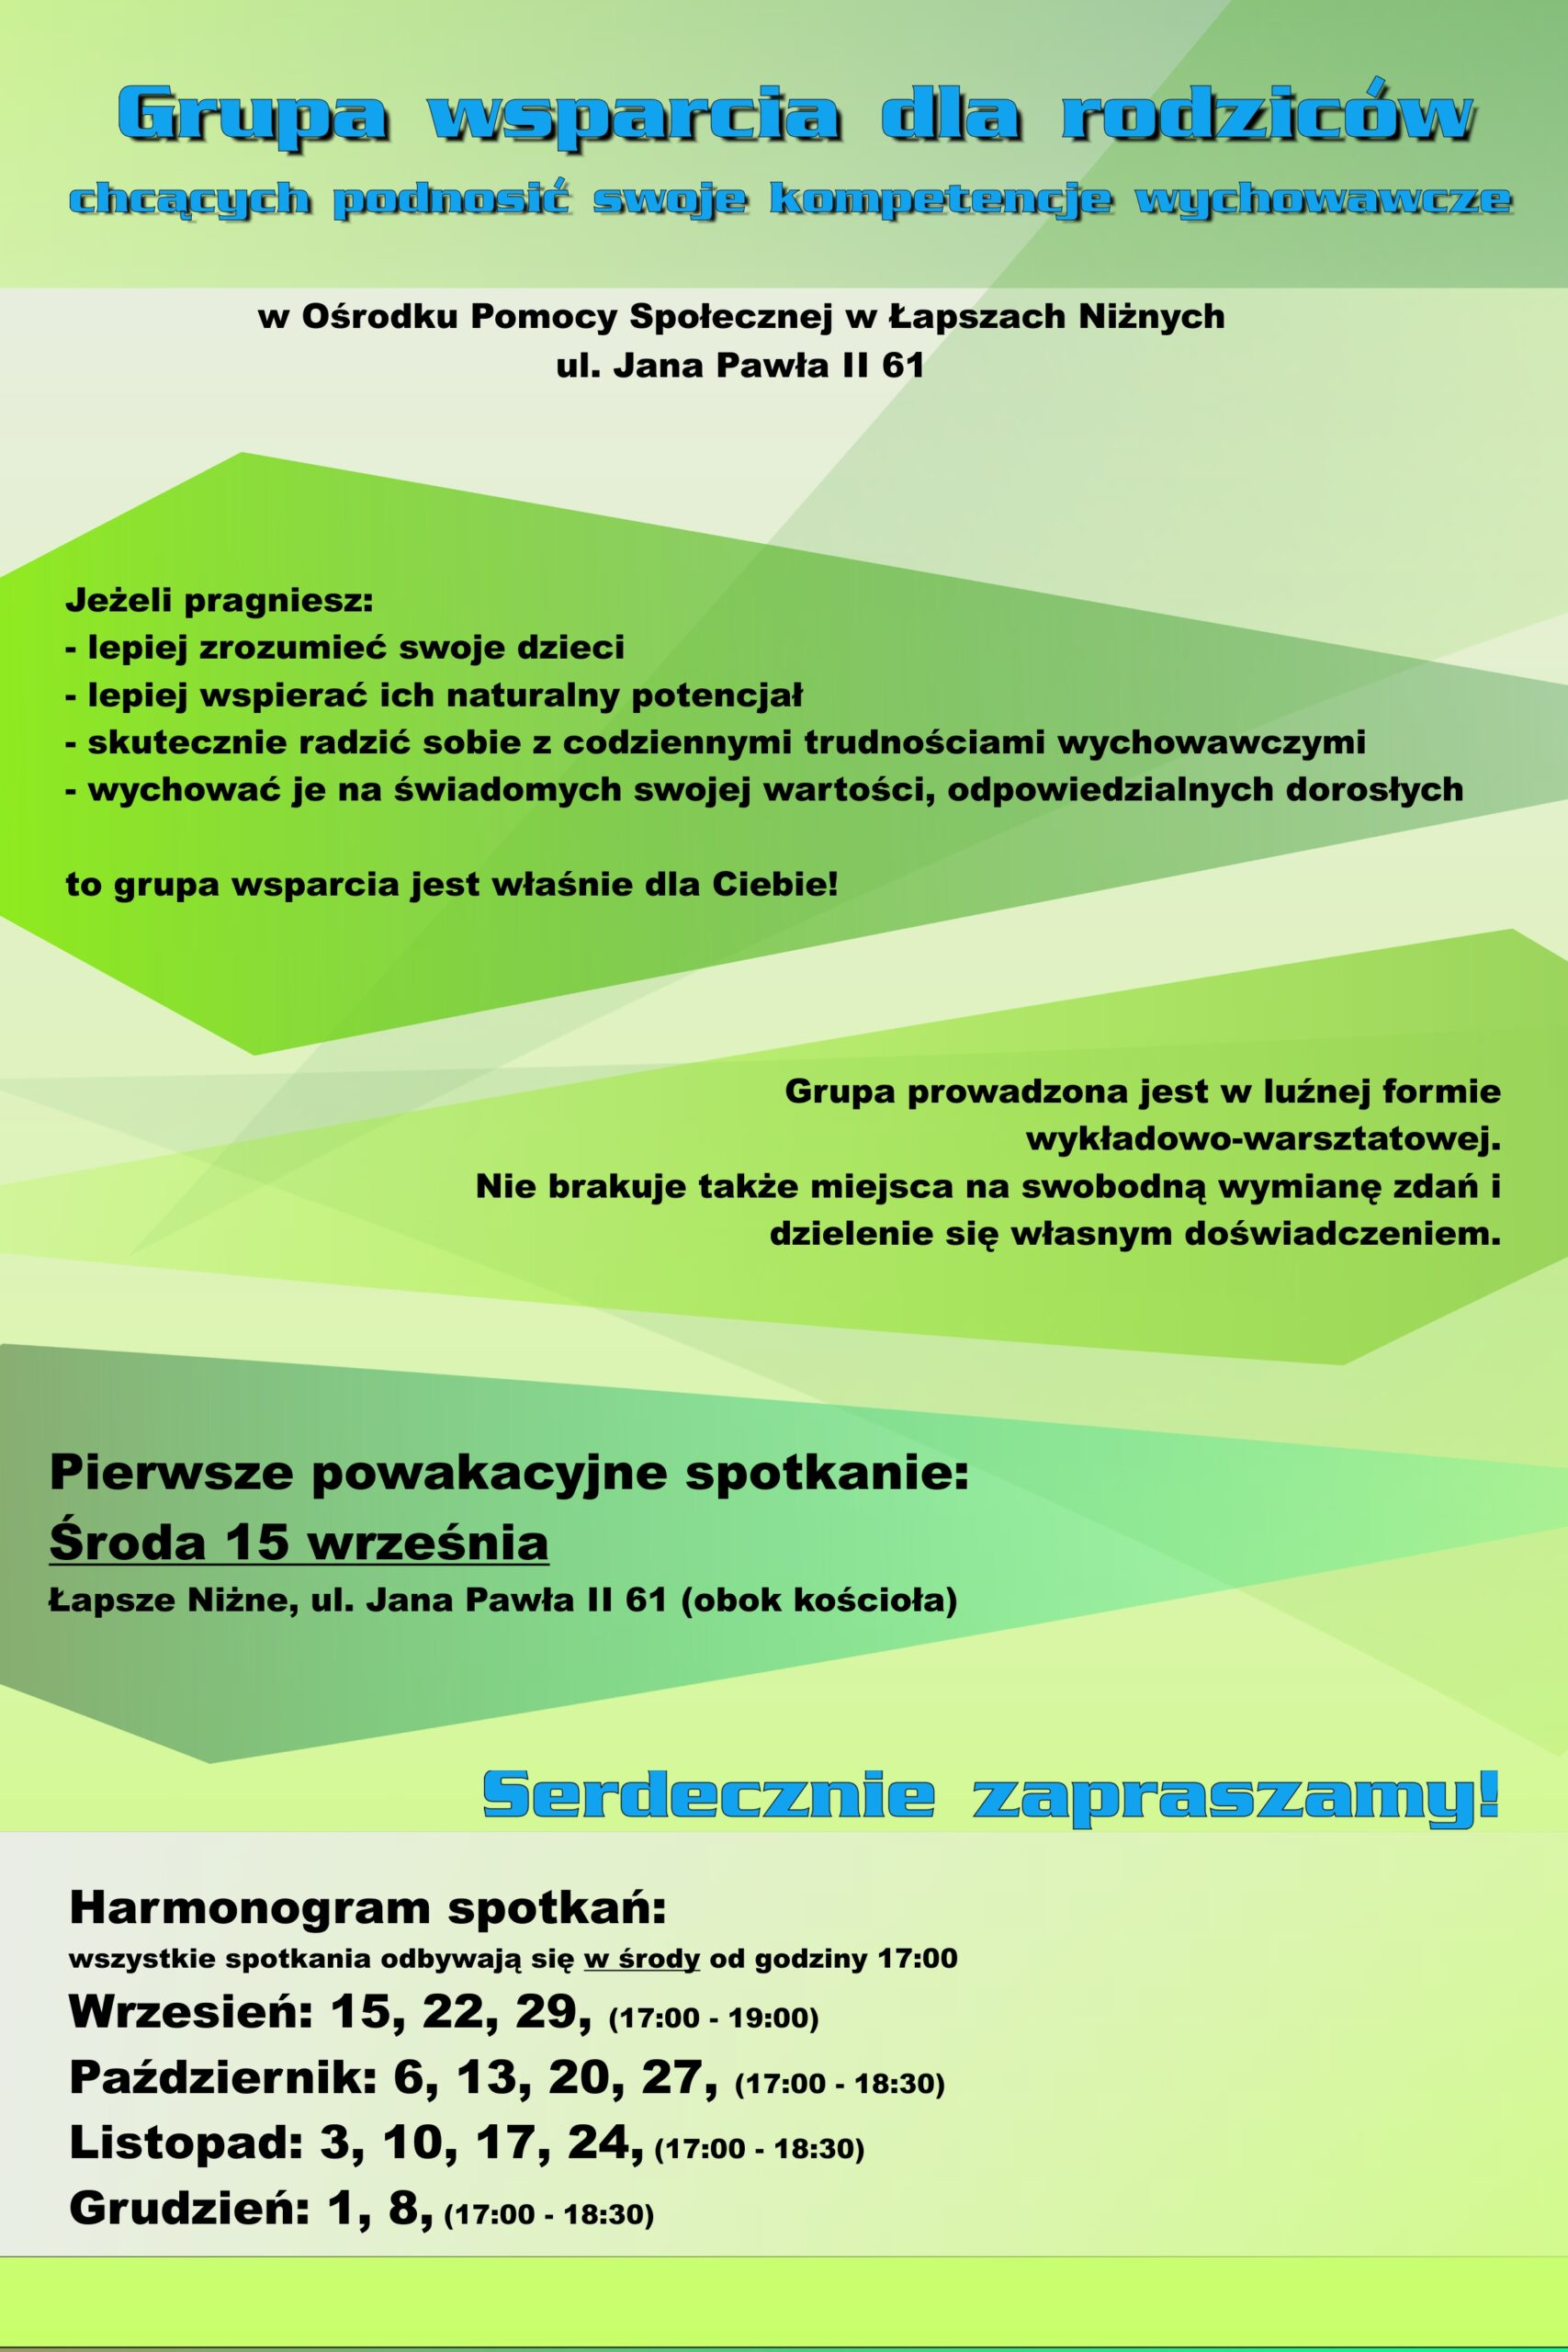 Plakat - grupa wsparcia dla rodziców w Ośrodku Pomocy Społecznej w Łapszach Niżnych